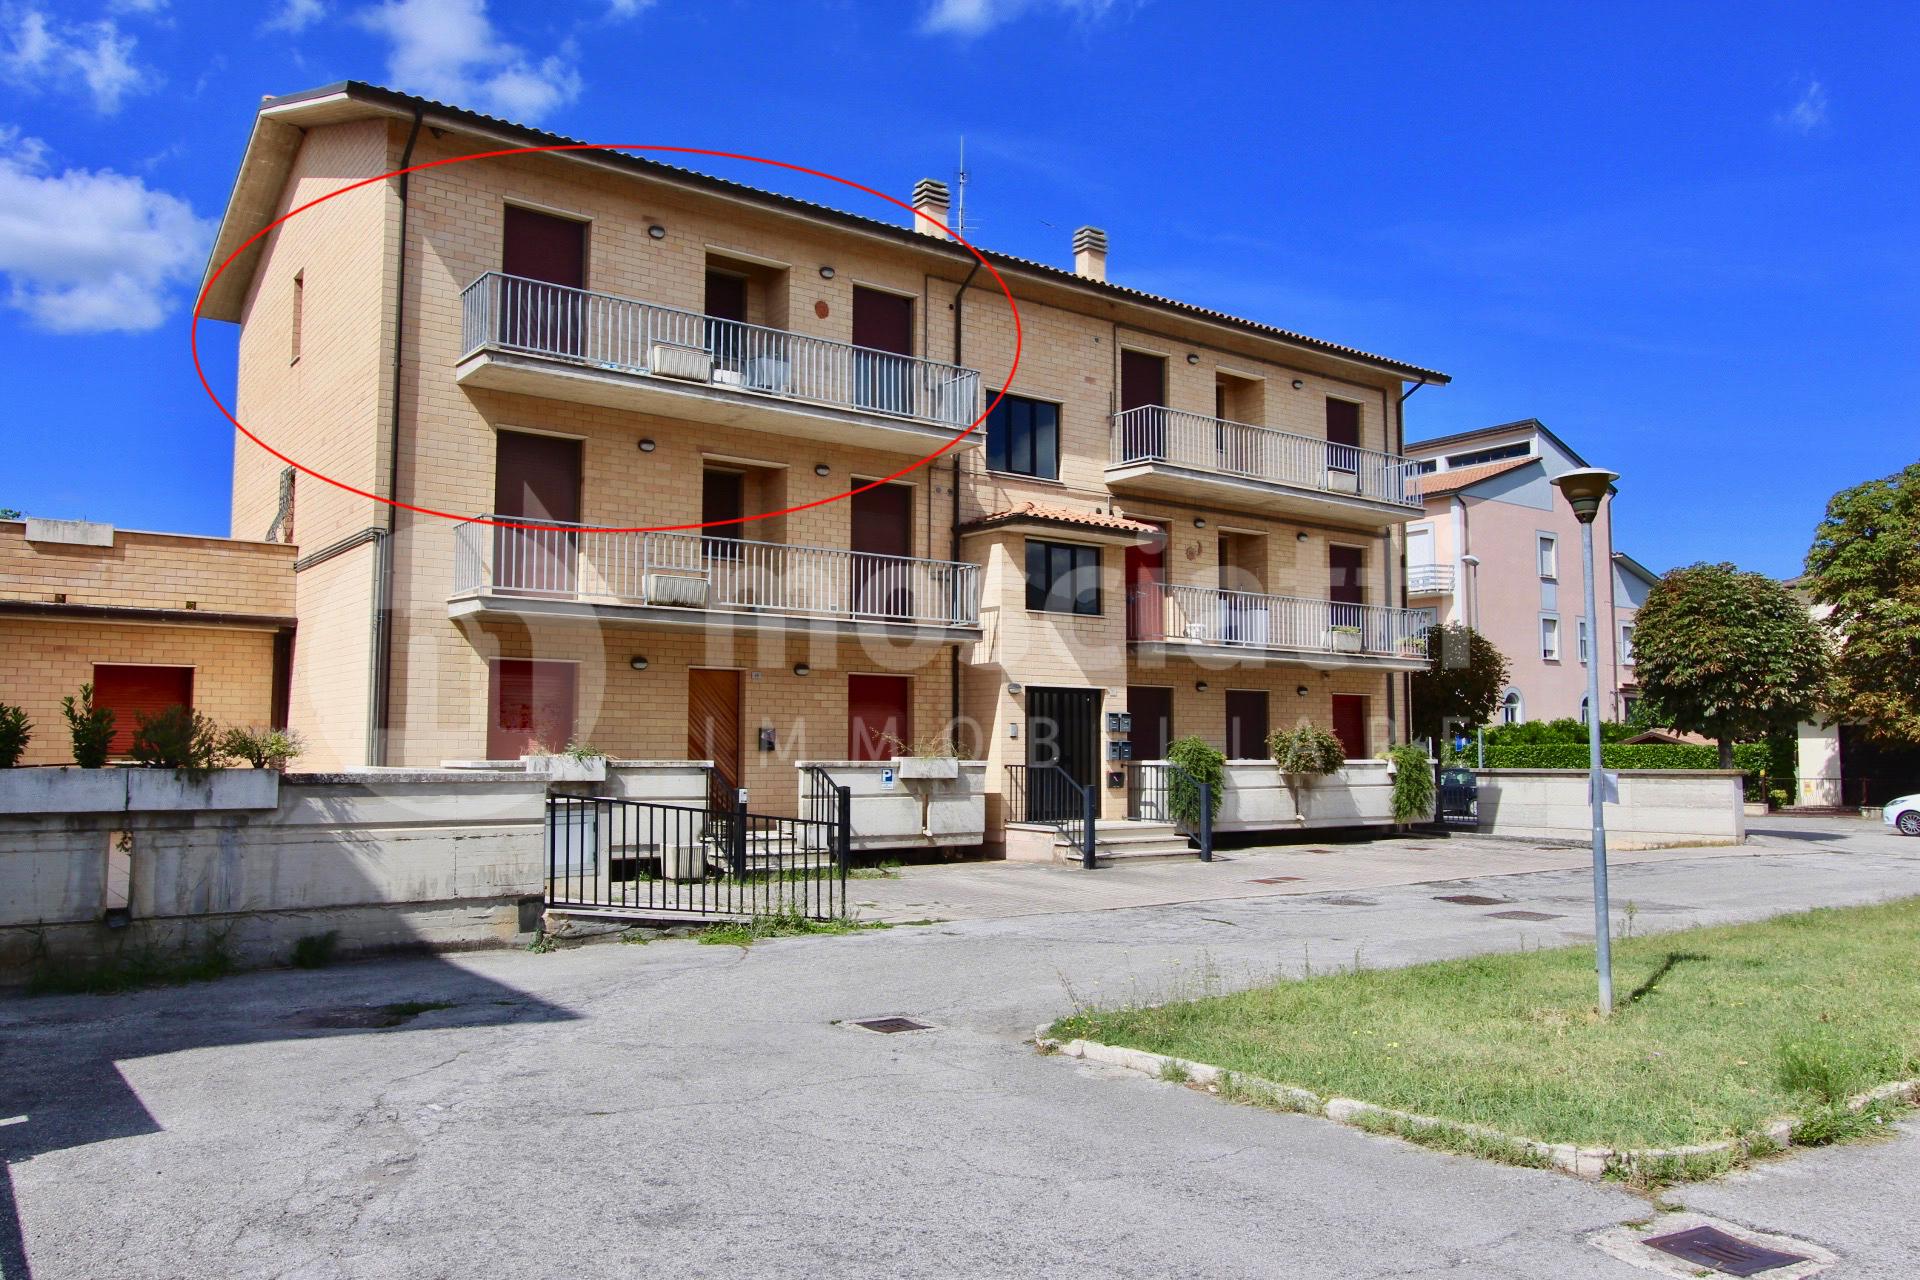 Matelica, Via Manozzini, vendita appartamento con garage per 2 auto - 1